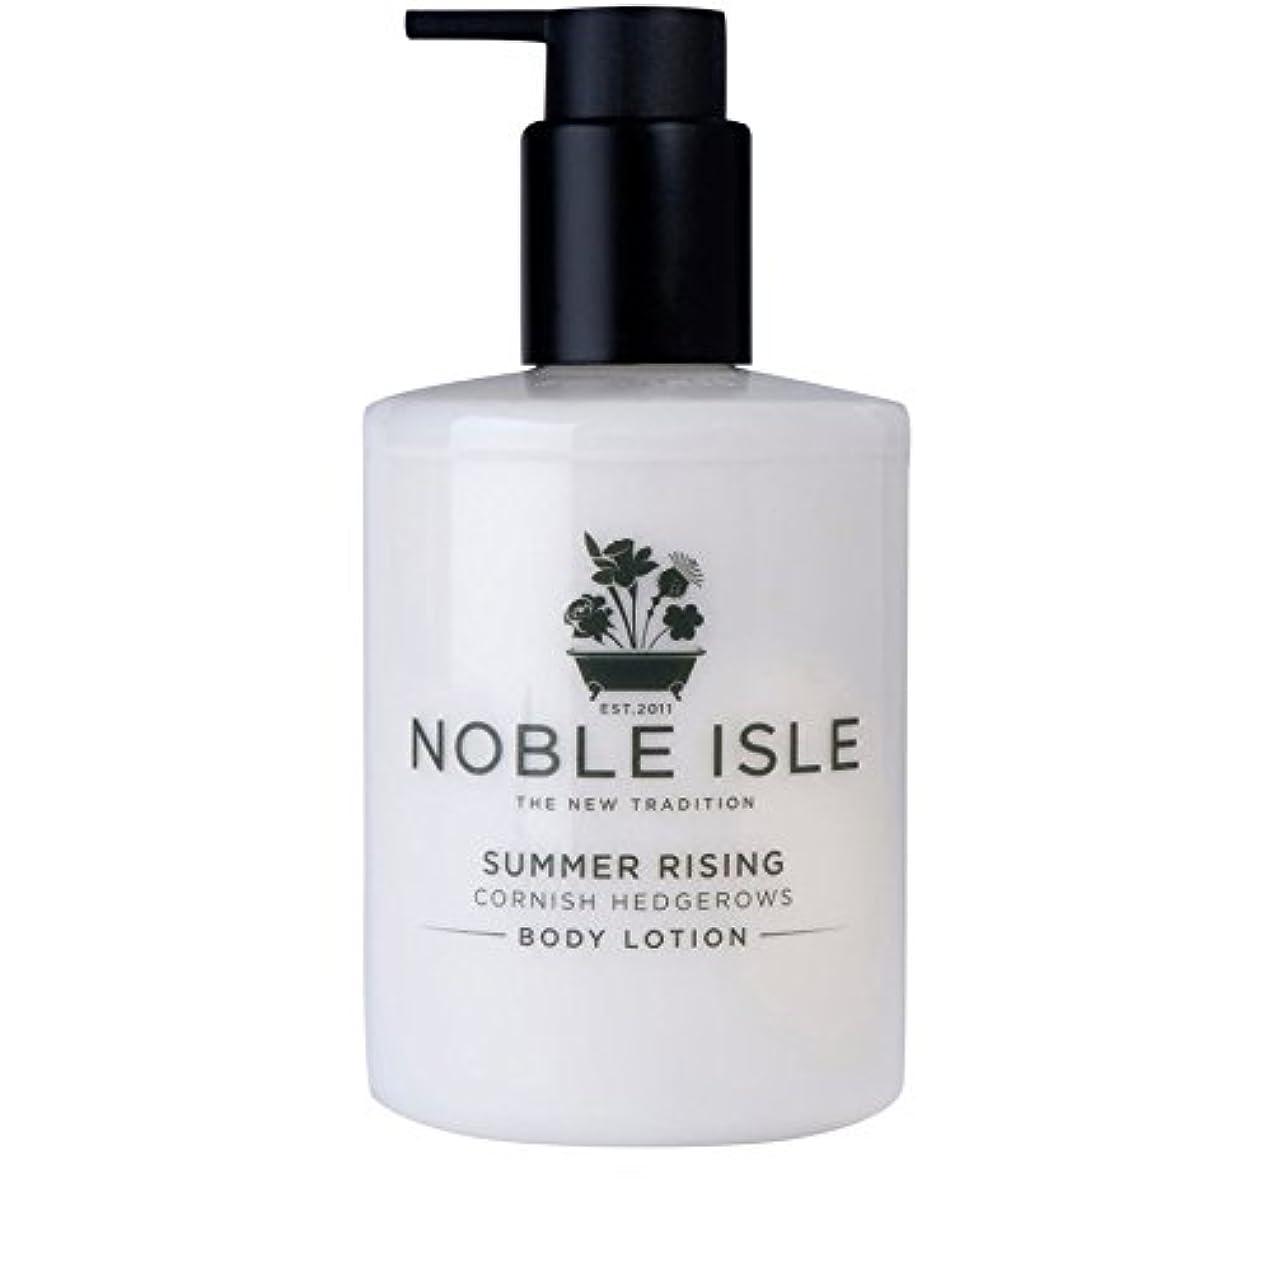 大聖堂ハイキング異常なNoble Isle Summer Rising Cornish Hedgerows Body Lotion 250ml (Pack of 6) - コーニッシュ生け垣ボディローション250ミリリットルを上昇高貴な島の夏...